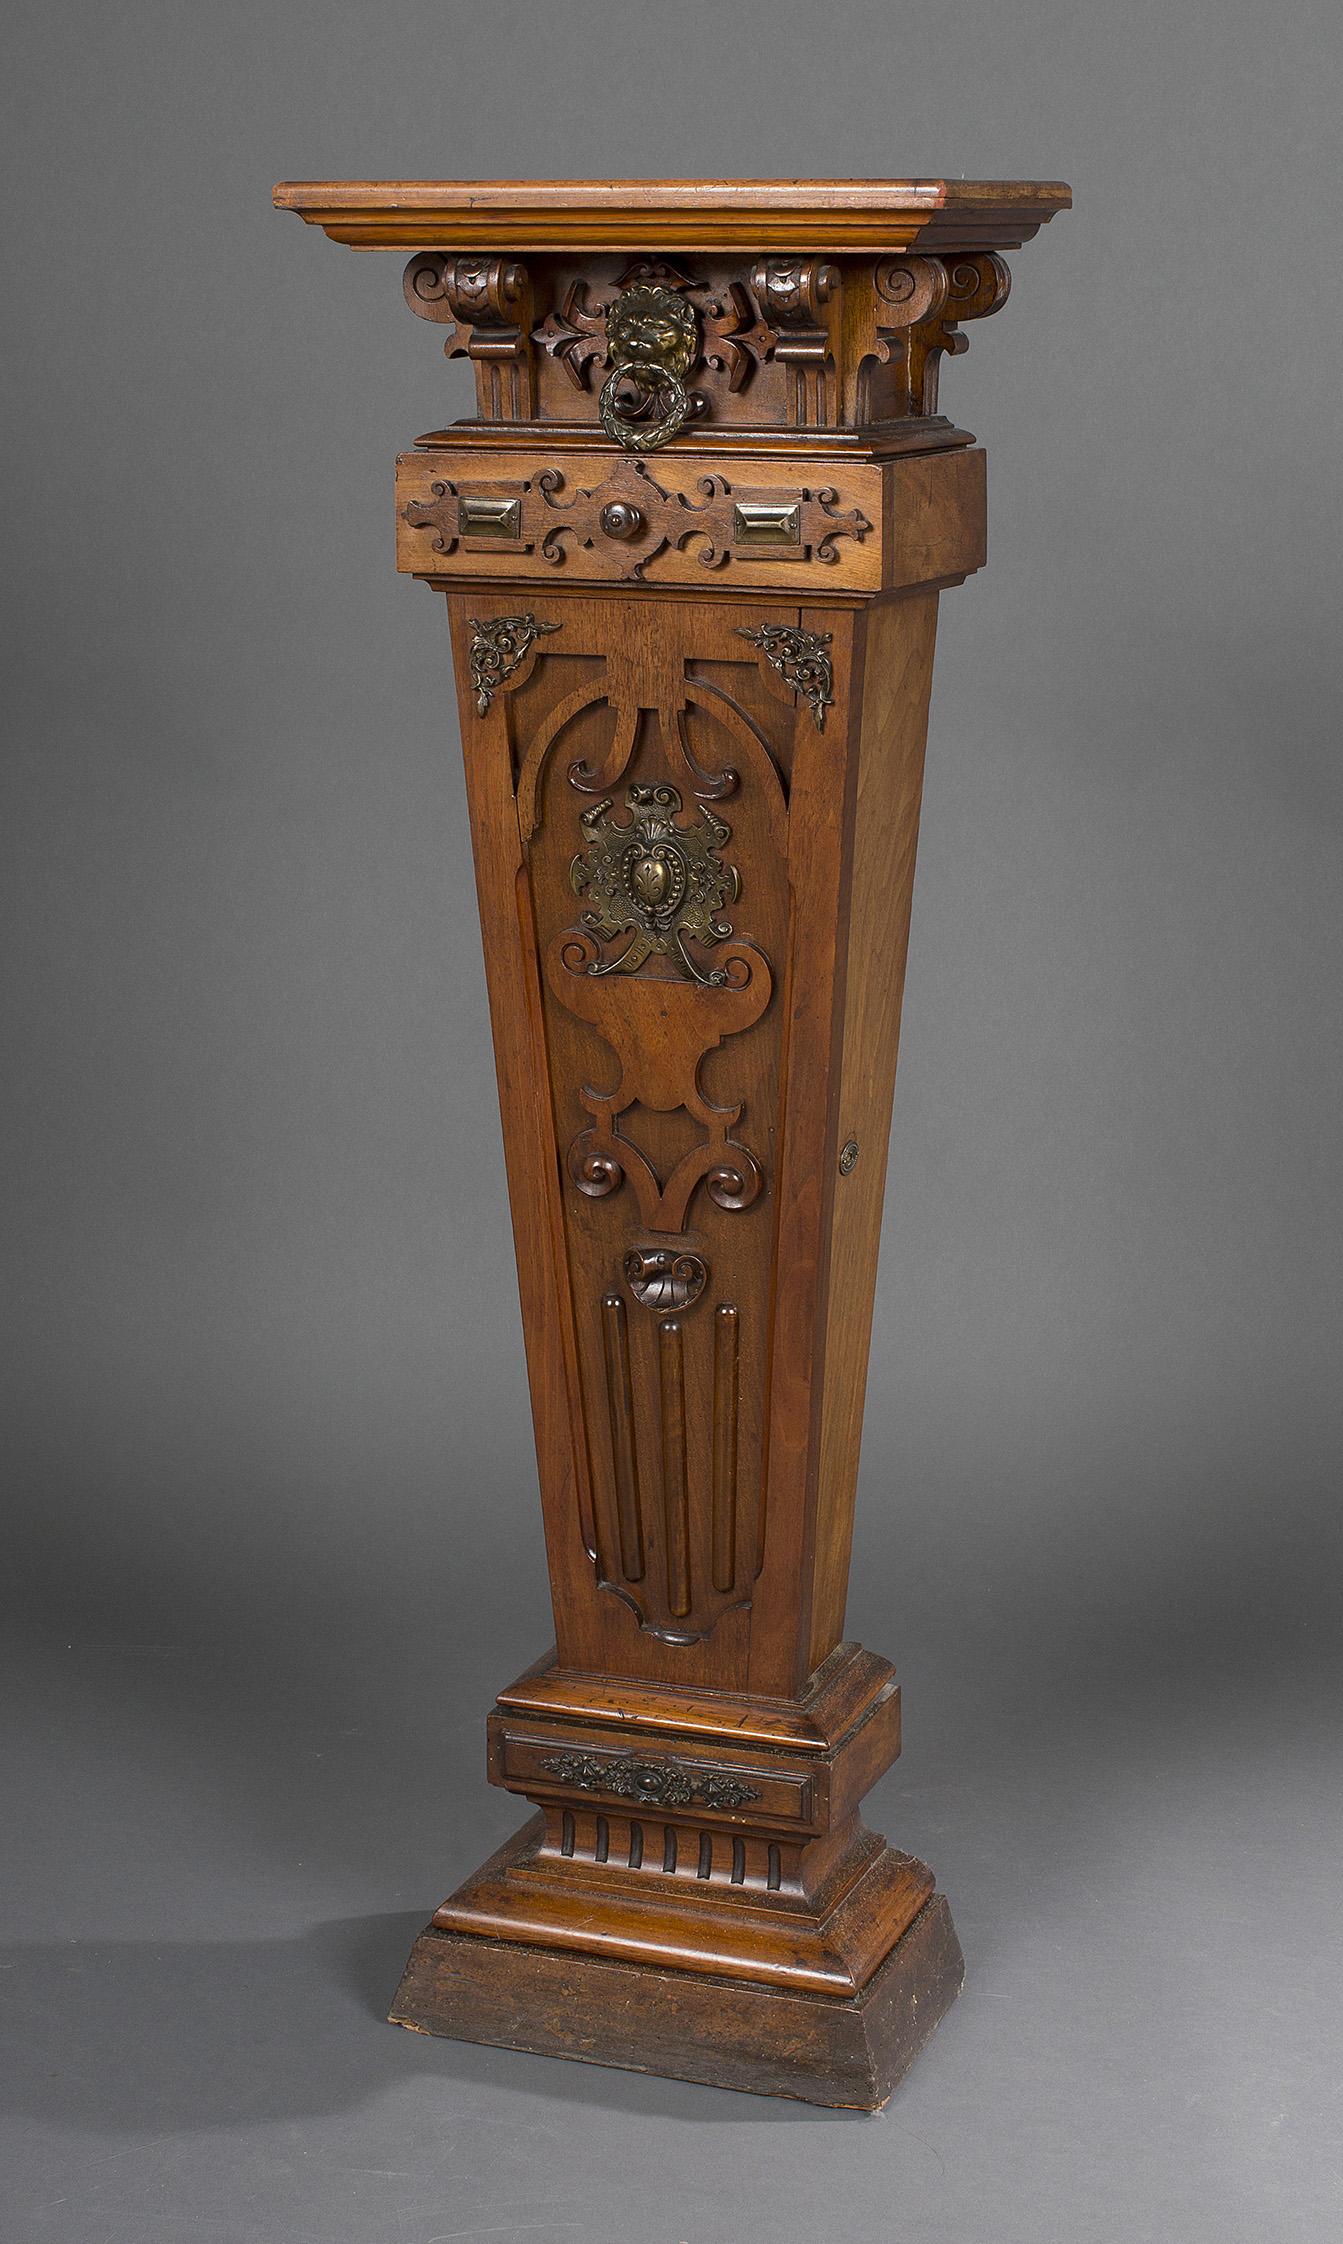 Catalogue de la vente tableaux anciens et modernes for Lions meuble circulaire